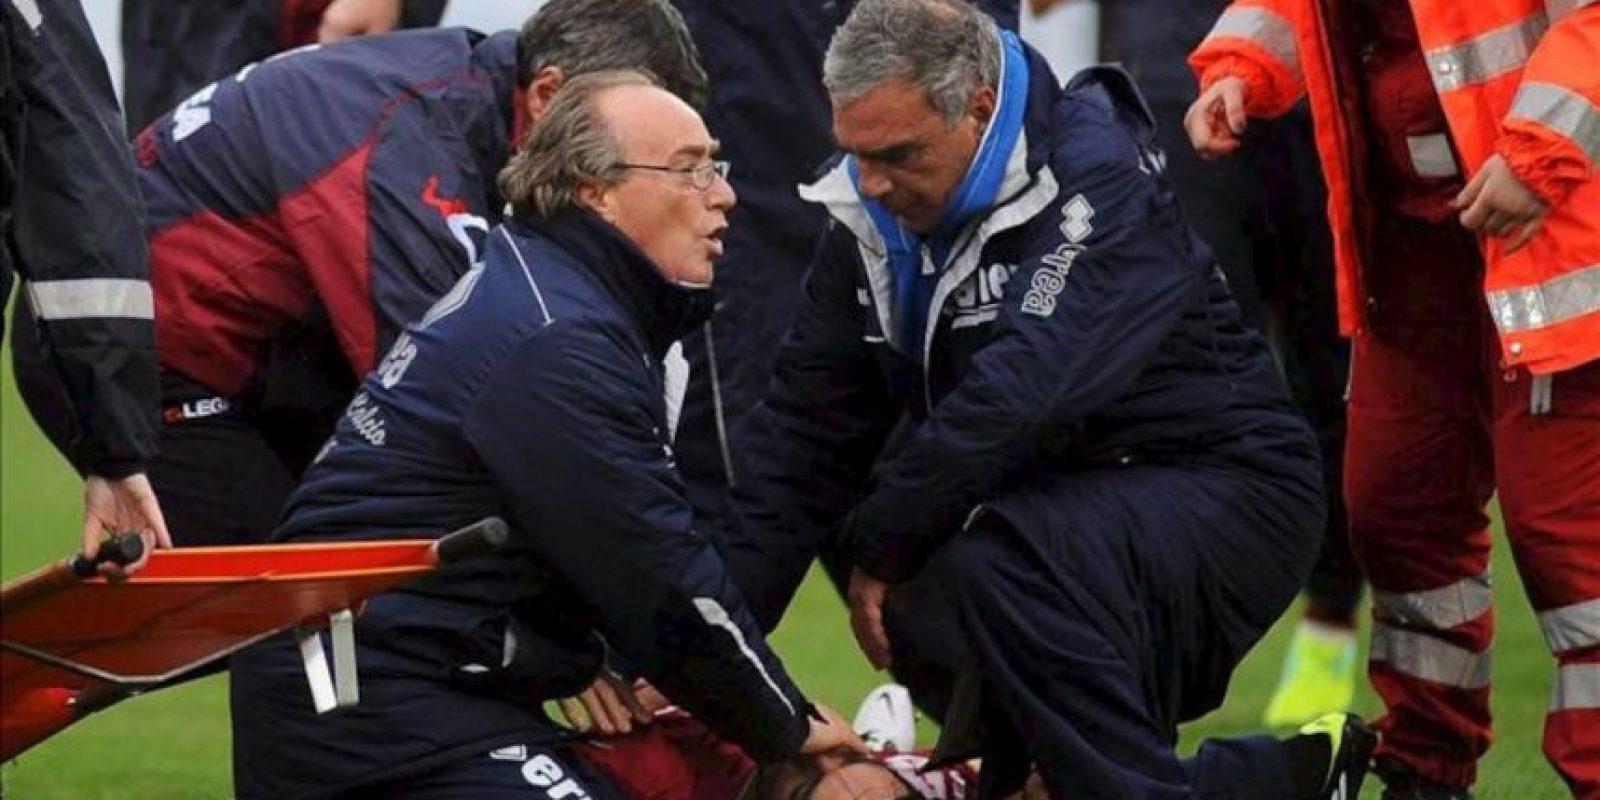 Los servicios médicos atienden al centrocampista italiano del AS Livorno, Piermario Morosini (en el suelo), tras sufrir un ataque al corazón mientras disputaba un partido de la Serie B de la liga italiana contra el Pescara, en el estadio Adriático de Pescara (Italia). EFE